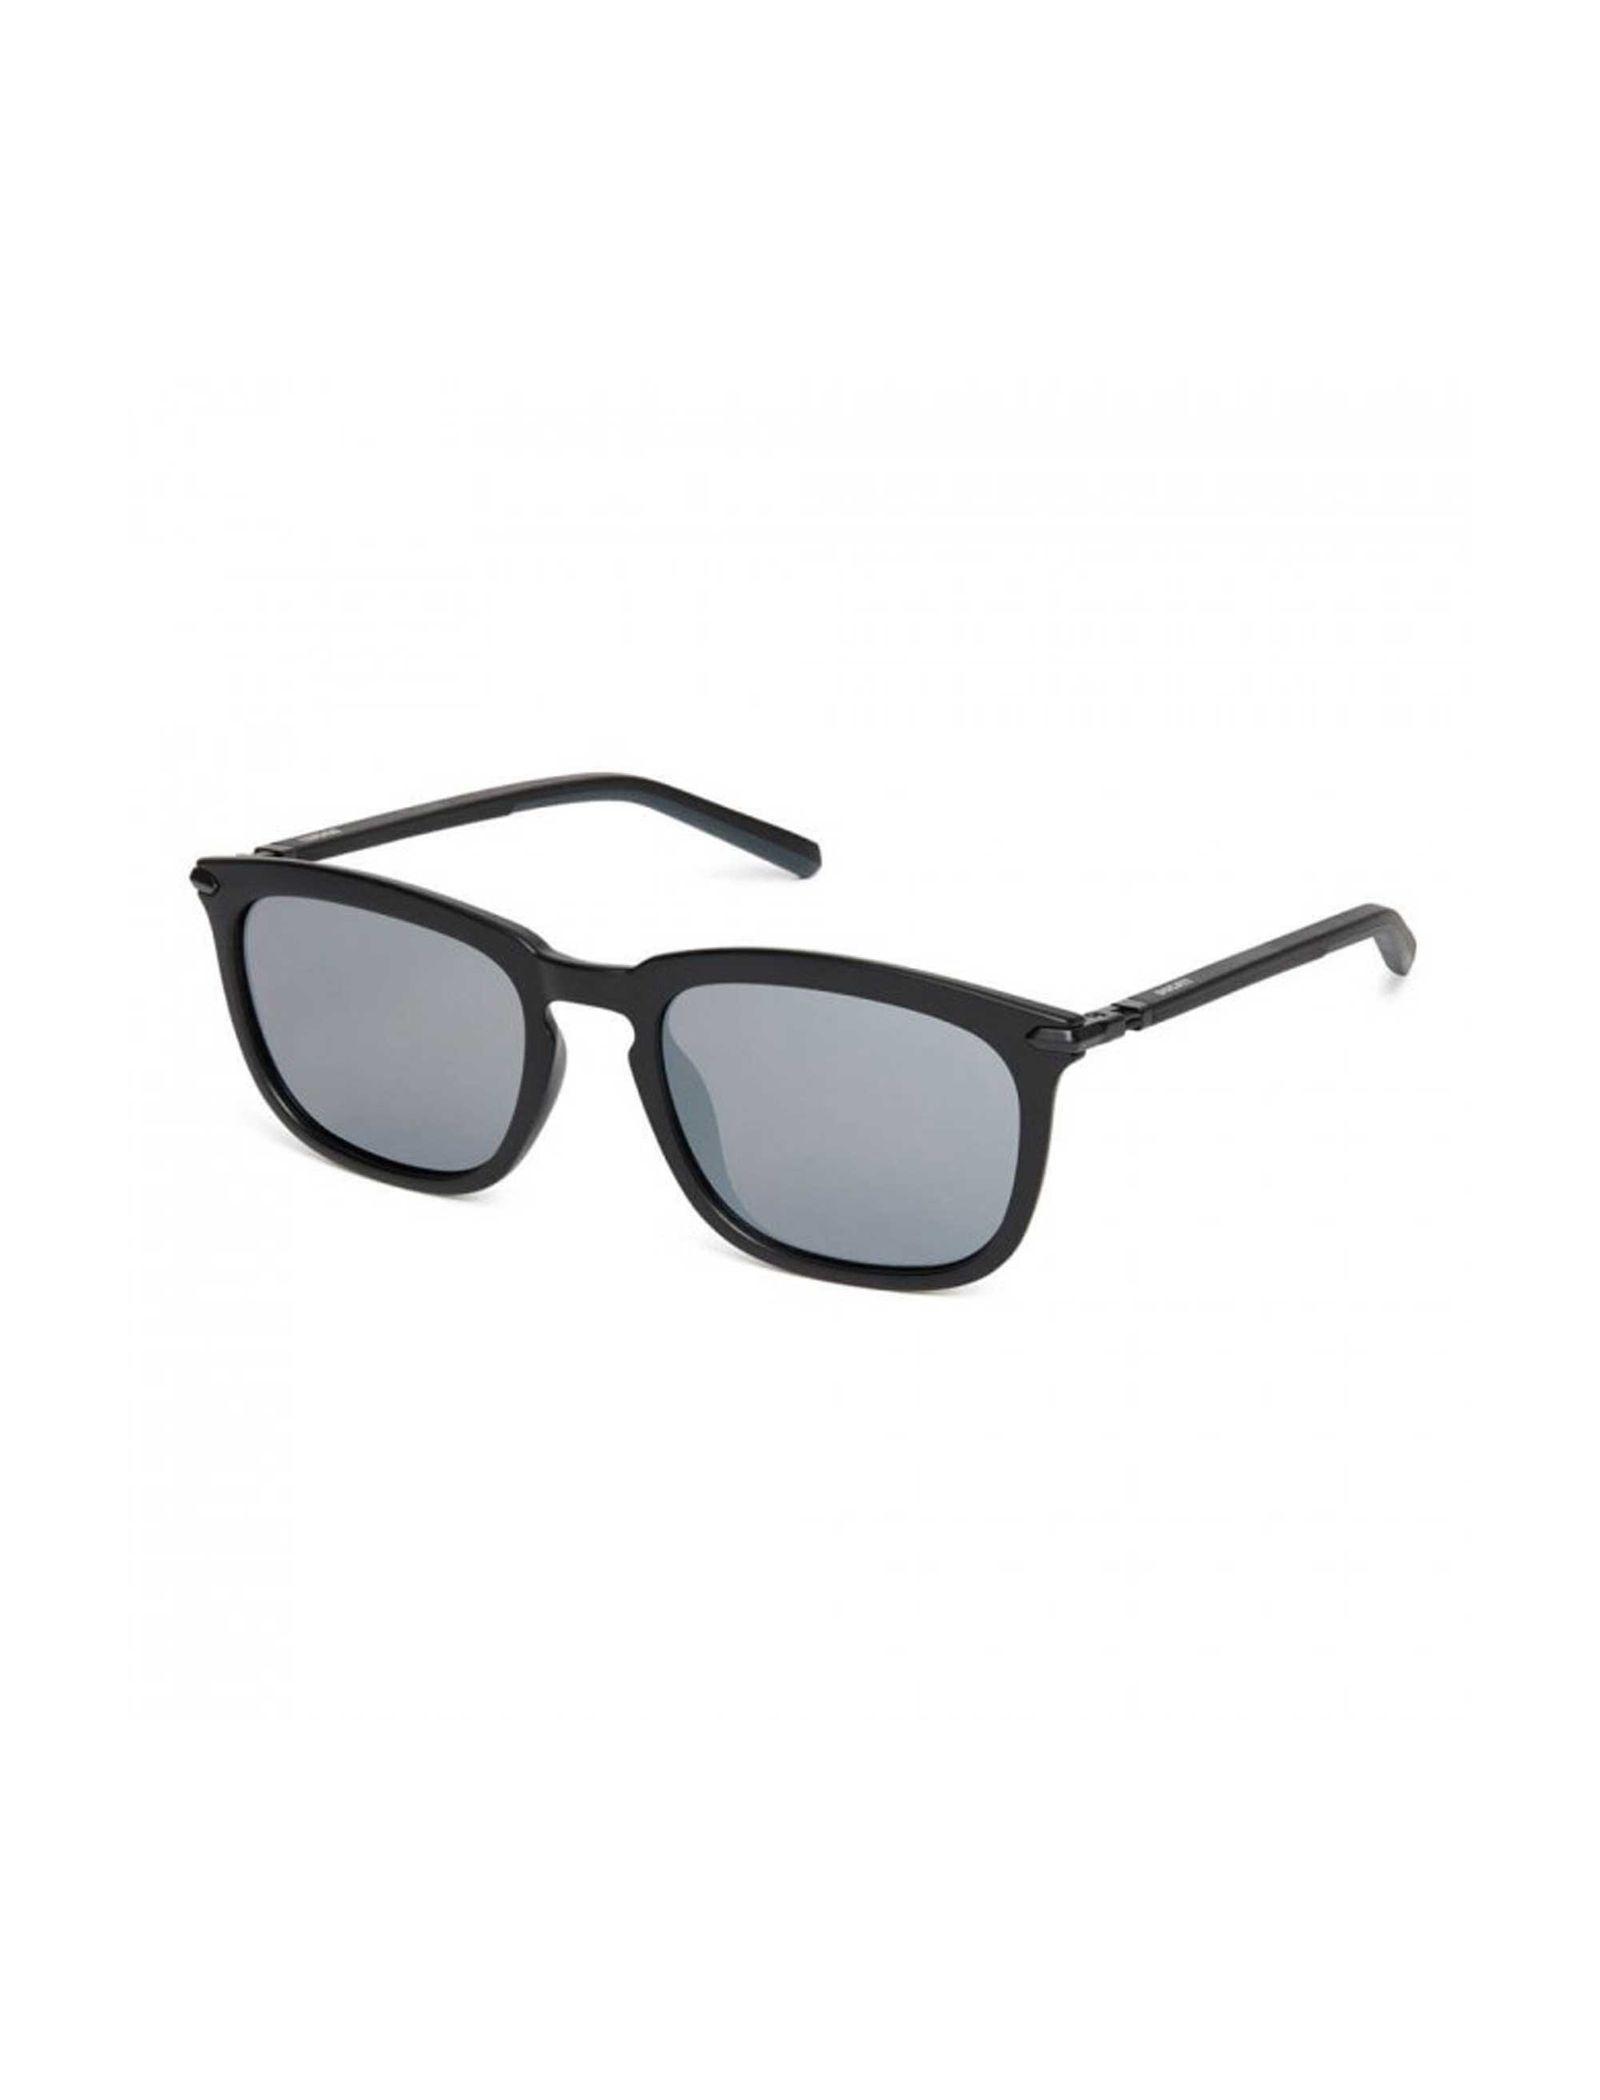 عینک آفتابی ویفرر مردانه - دوکاتی - مشکي - 1